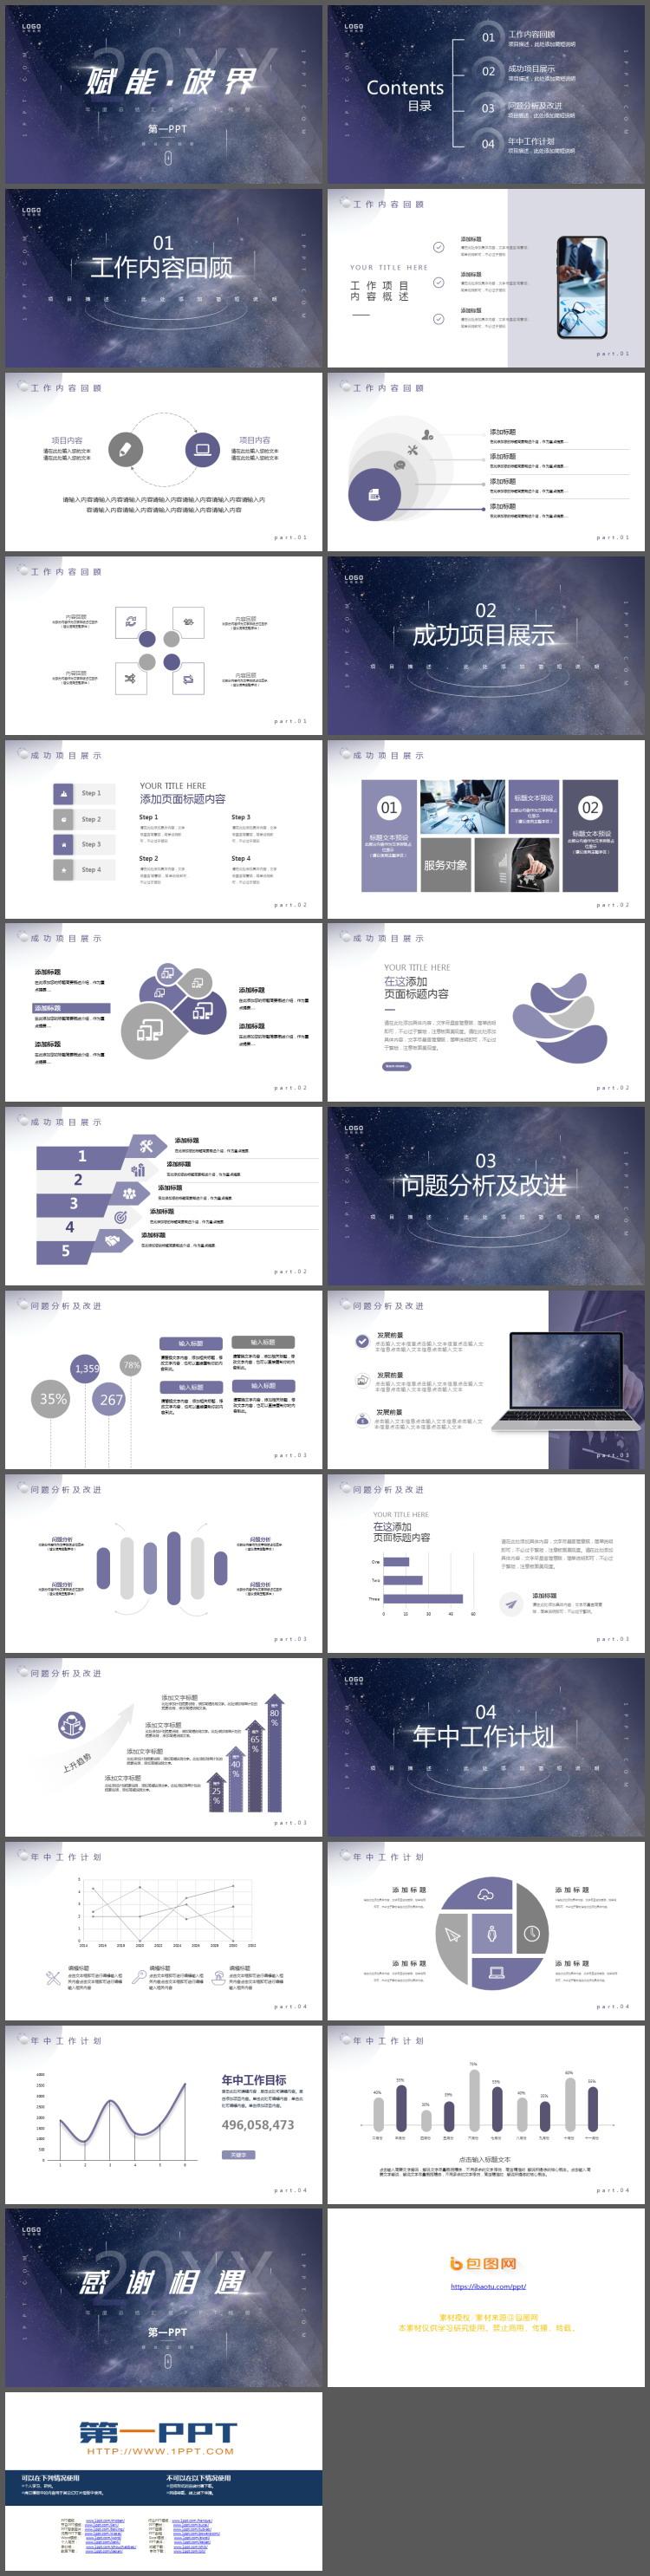 蓝紫星空背景的工作总结汇报PPT模板